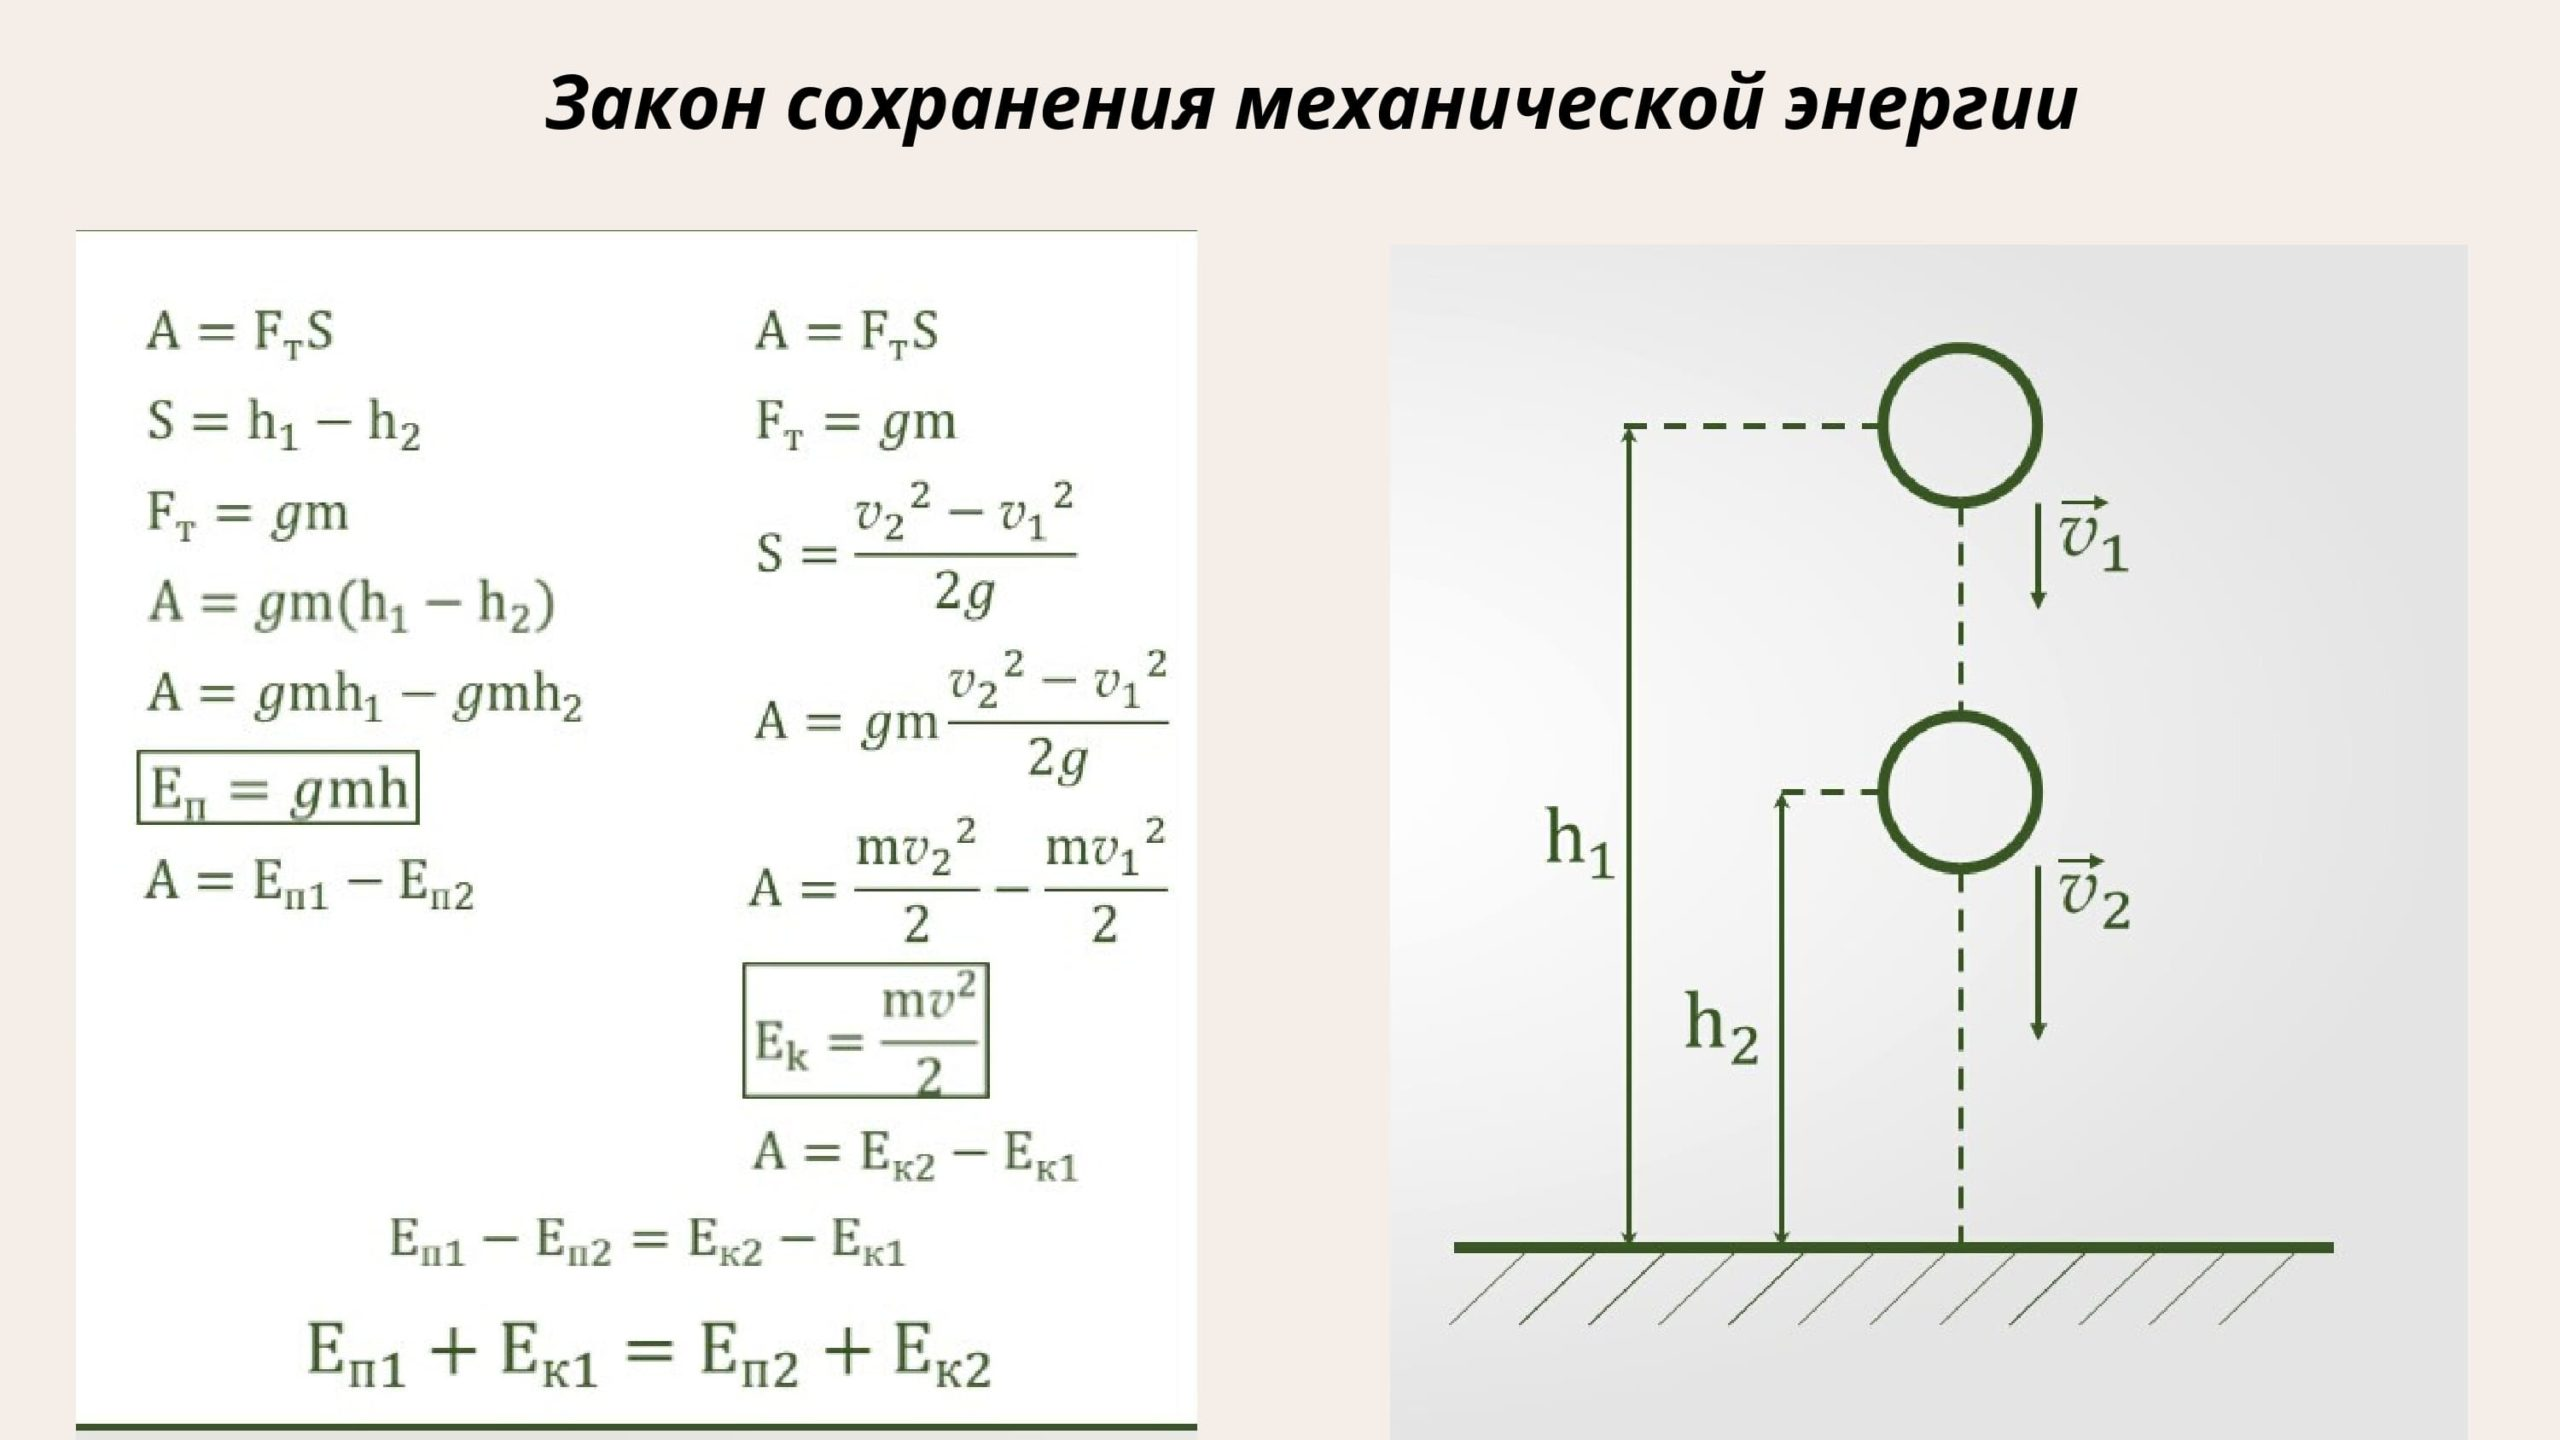 Закон сохранения механической энергии